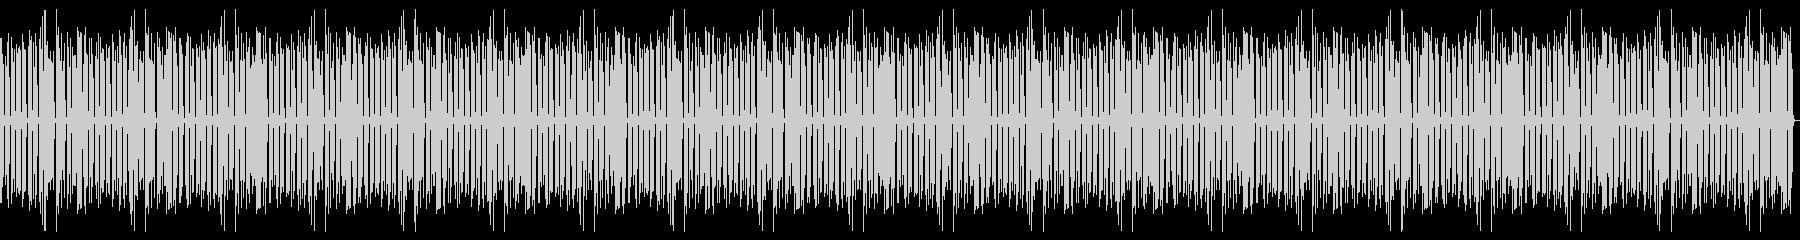 知育・積み木・パズル・日常ピアノ49Lの未再生の波形